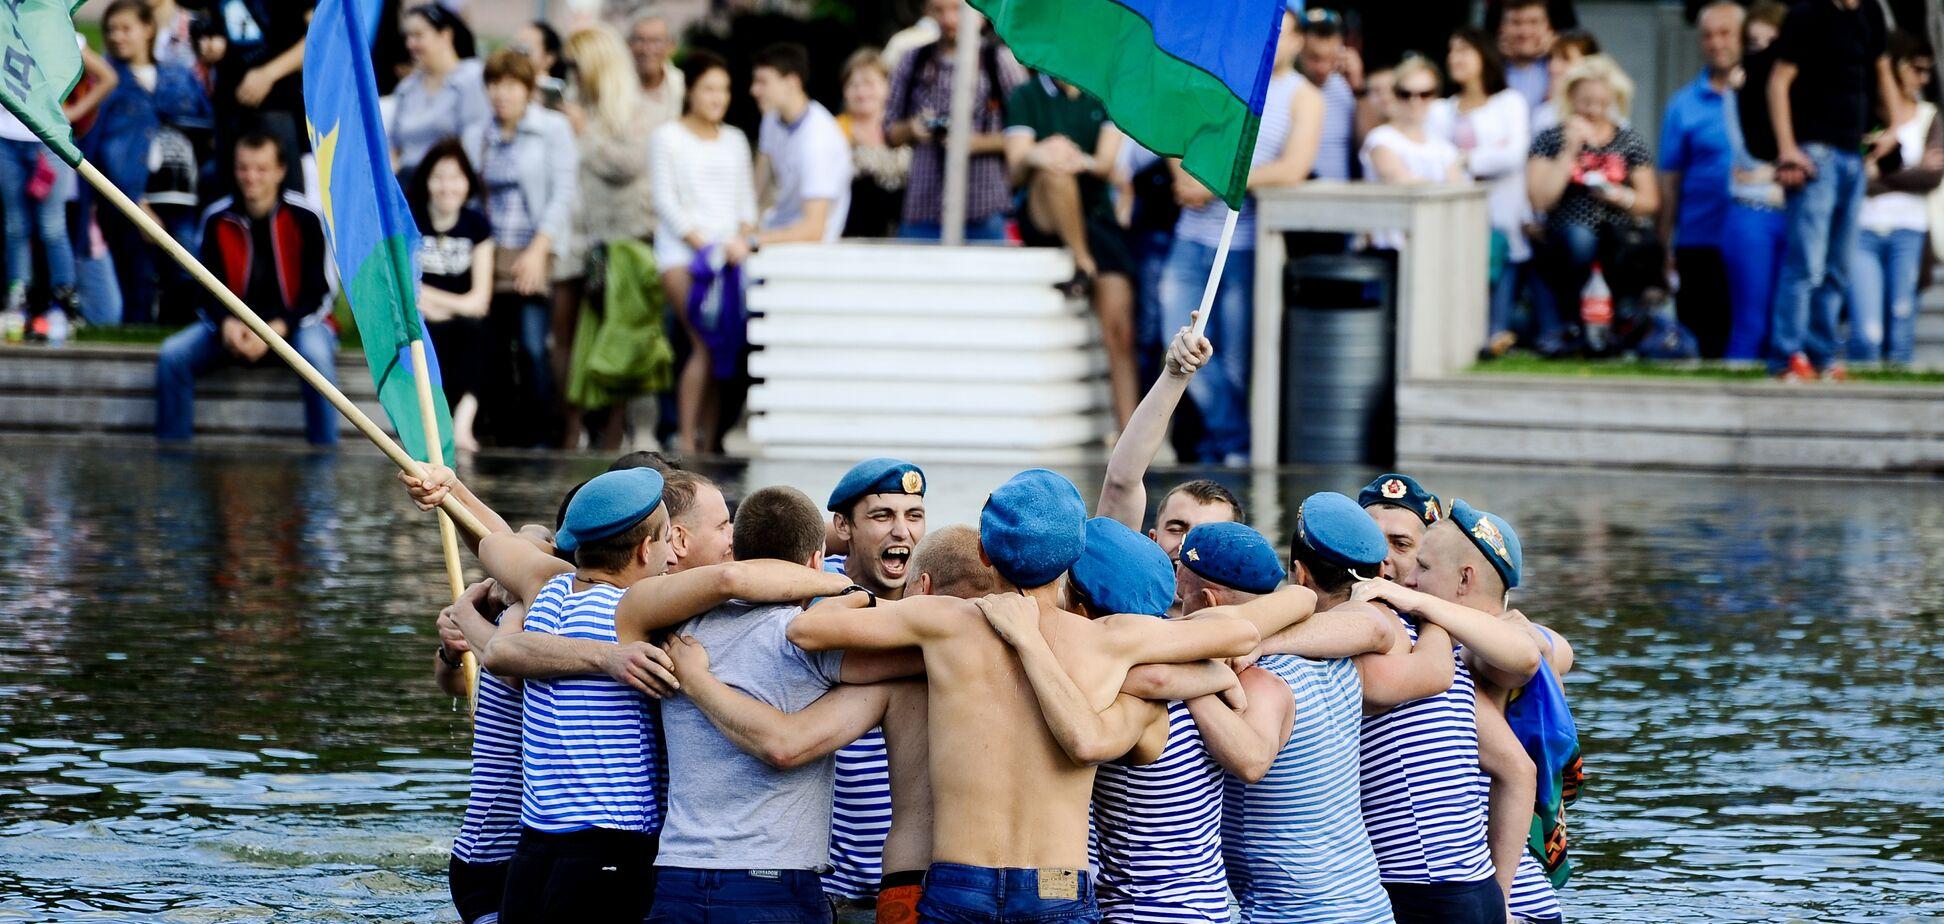 'Расплескалась синева': как позорно празднуют День ВДВ в России